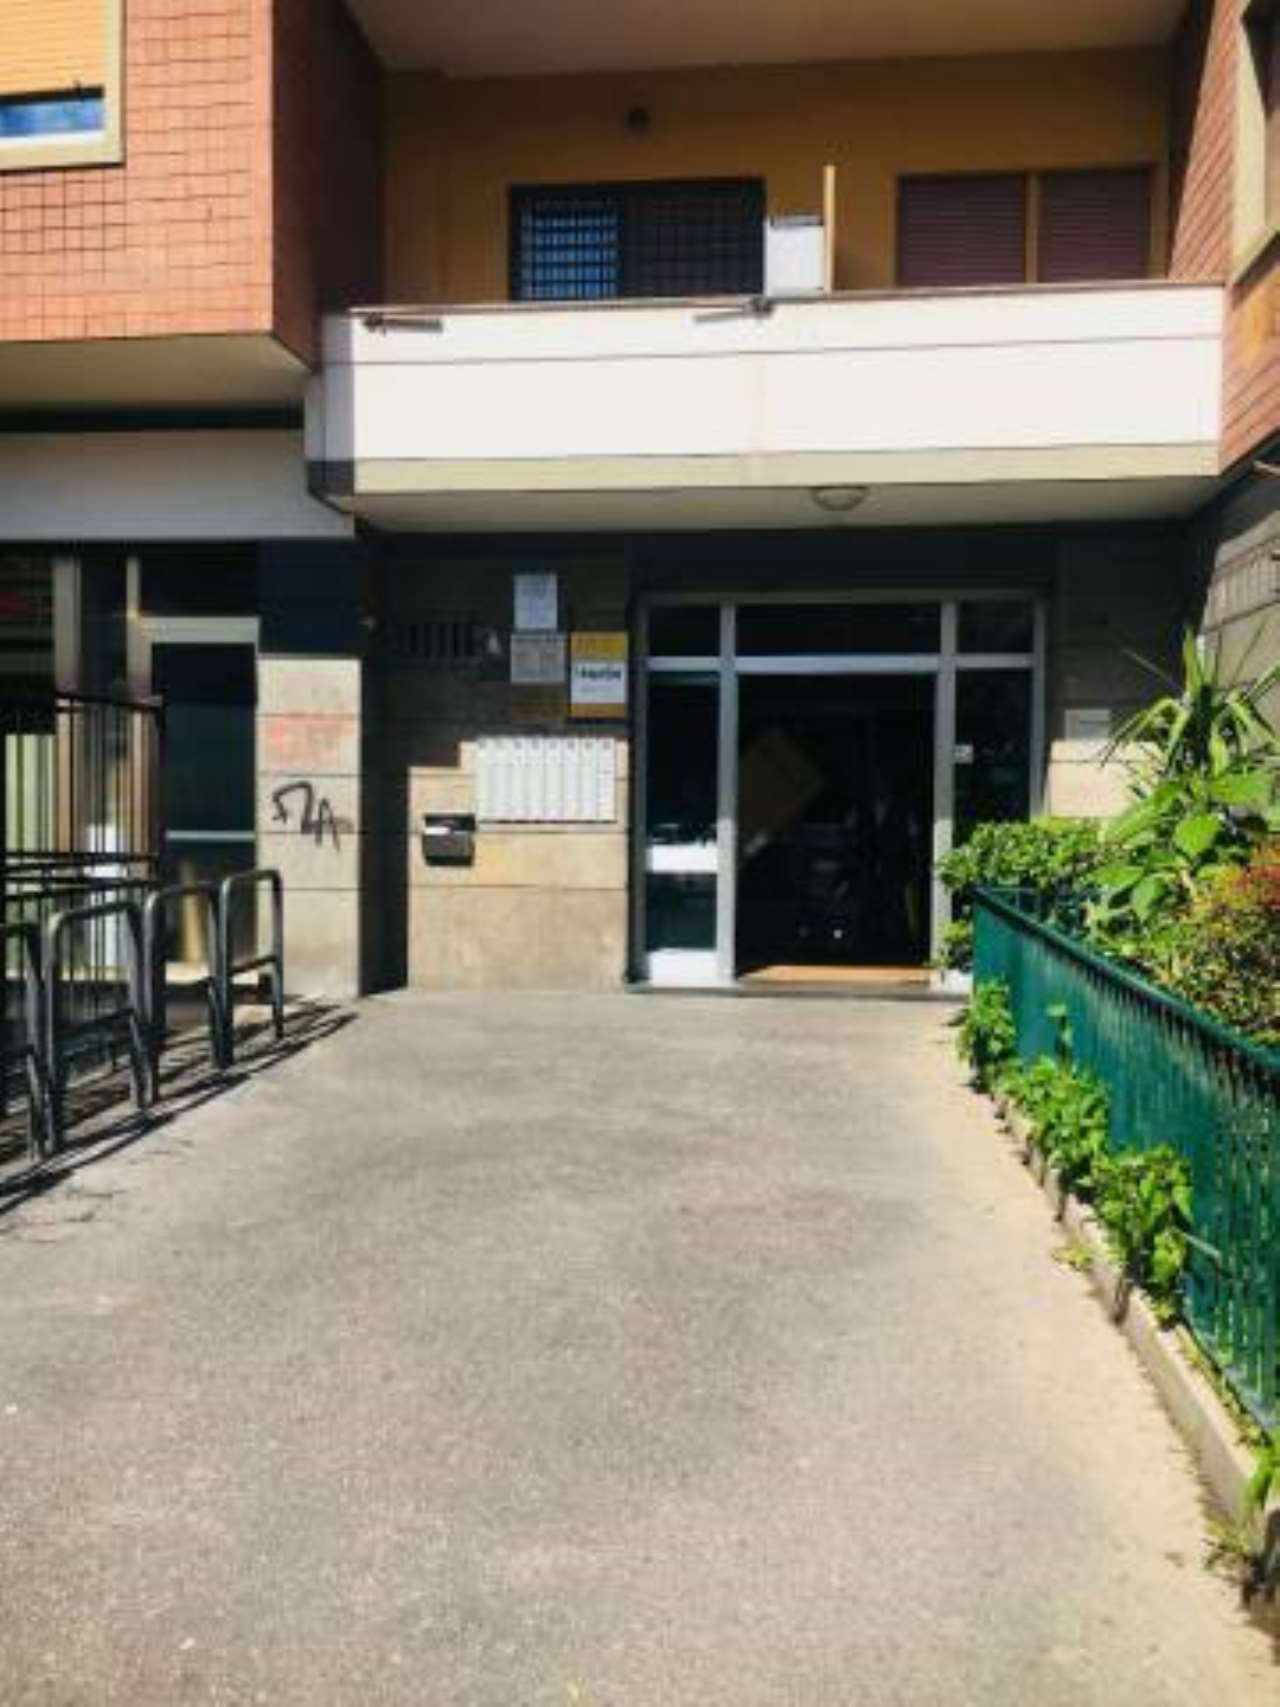 Appartamento in vendita a Roma, 4 locali, zona Zona: 25 . Trastevere - Testaccio, prezzo € 440.000   CambioCasa.it